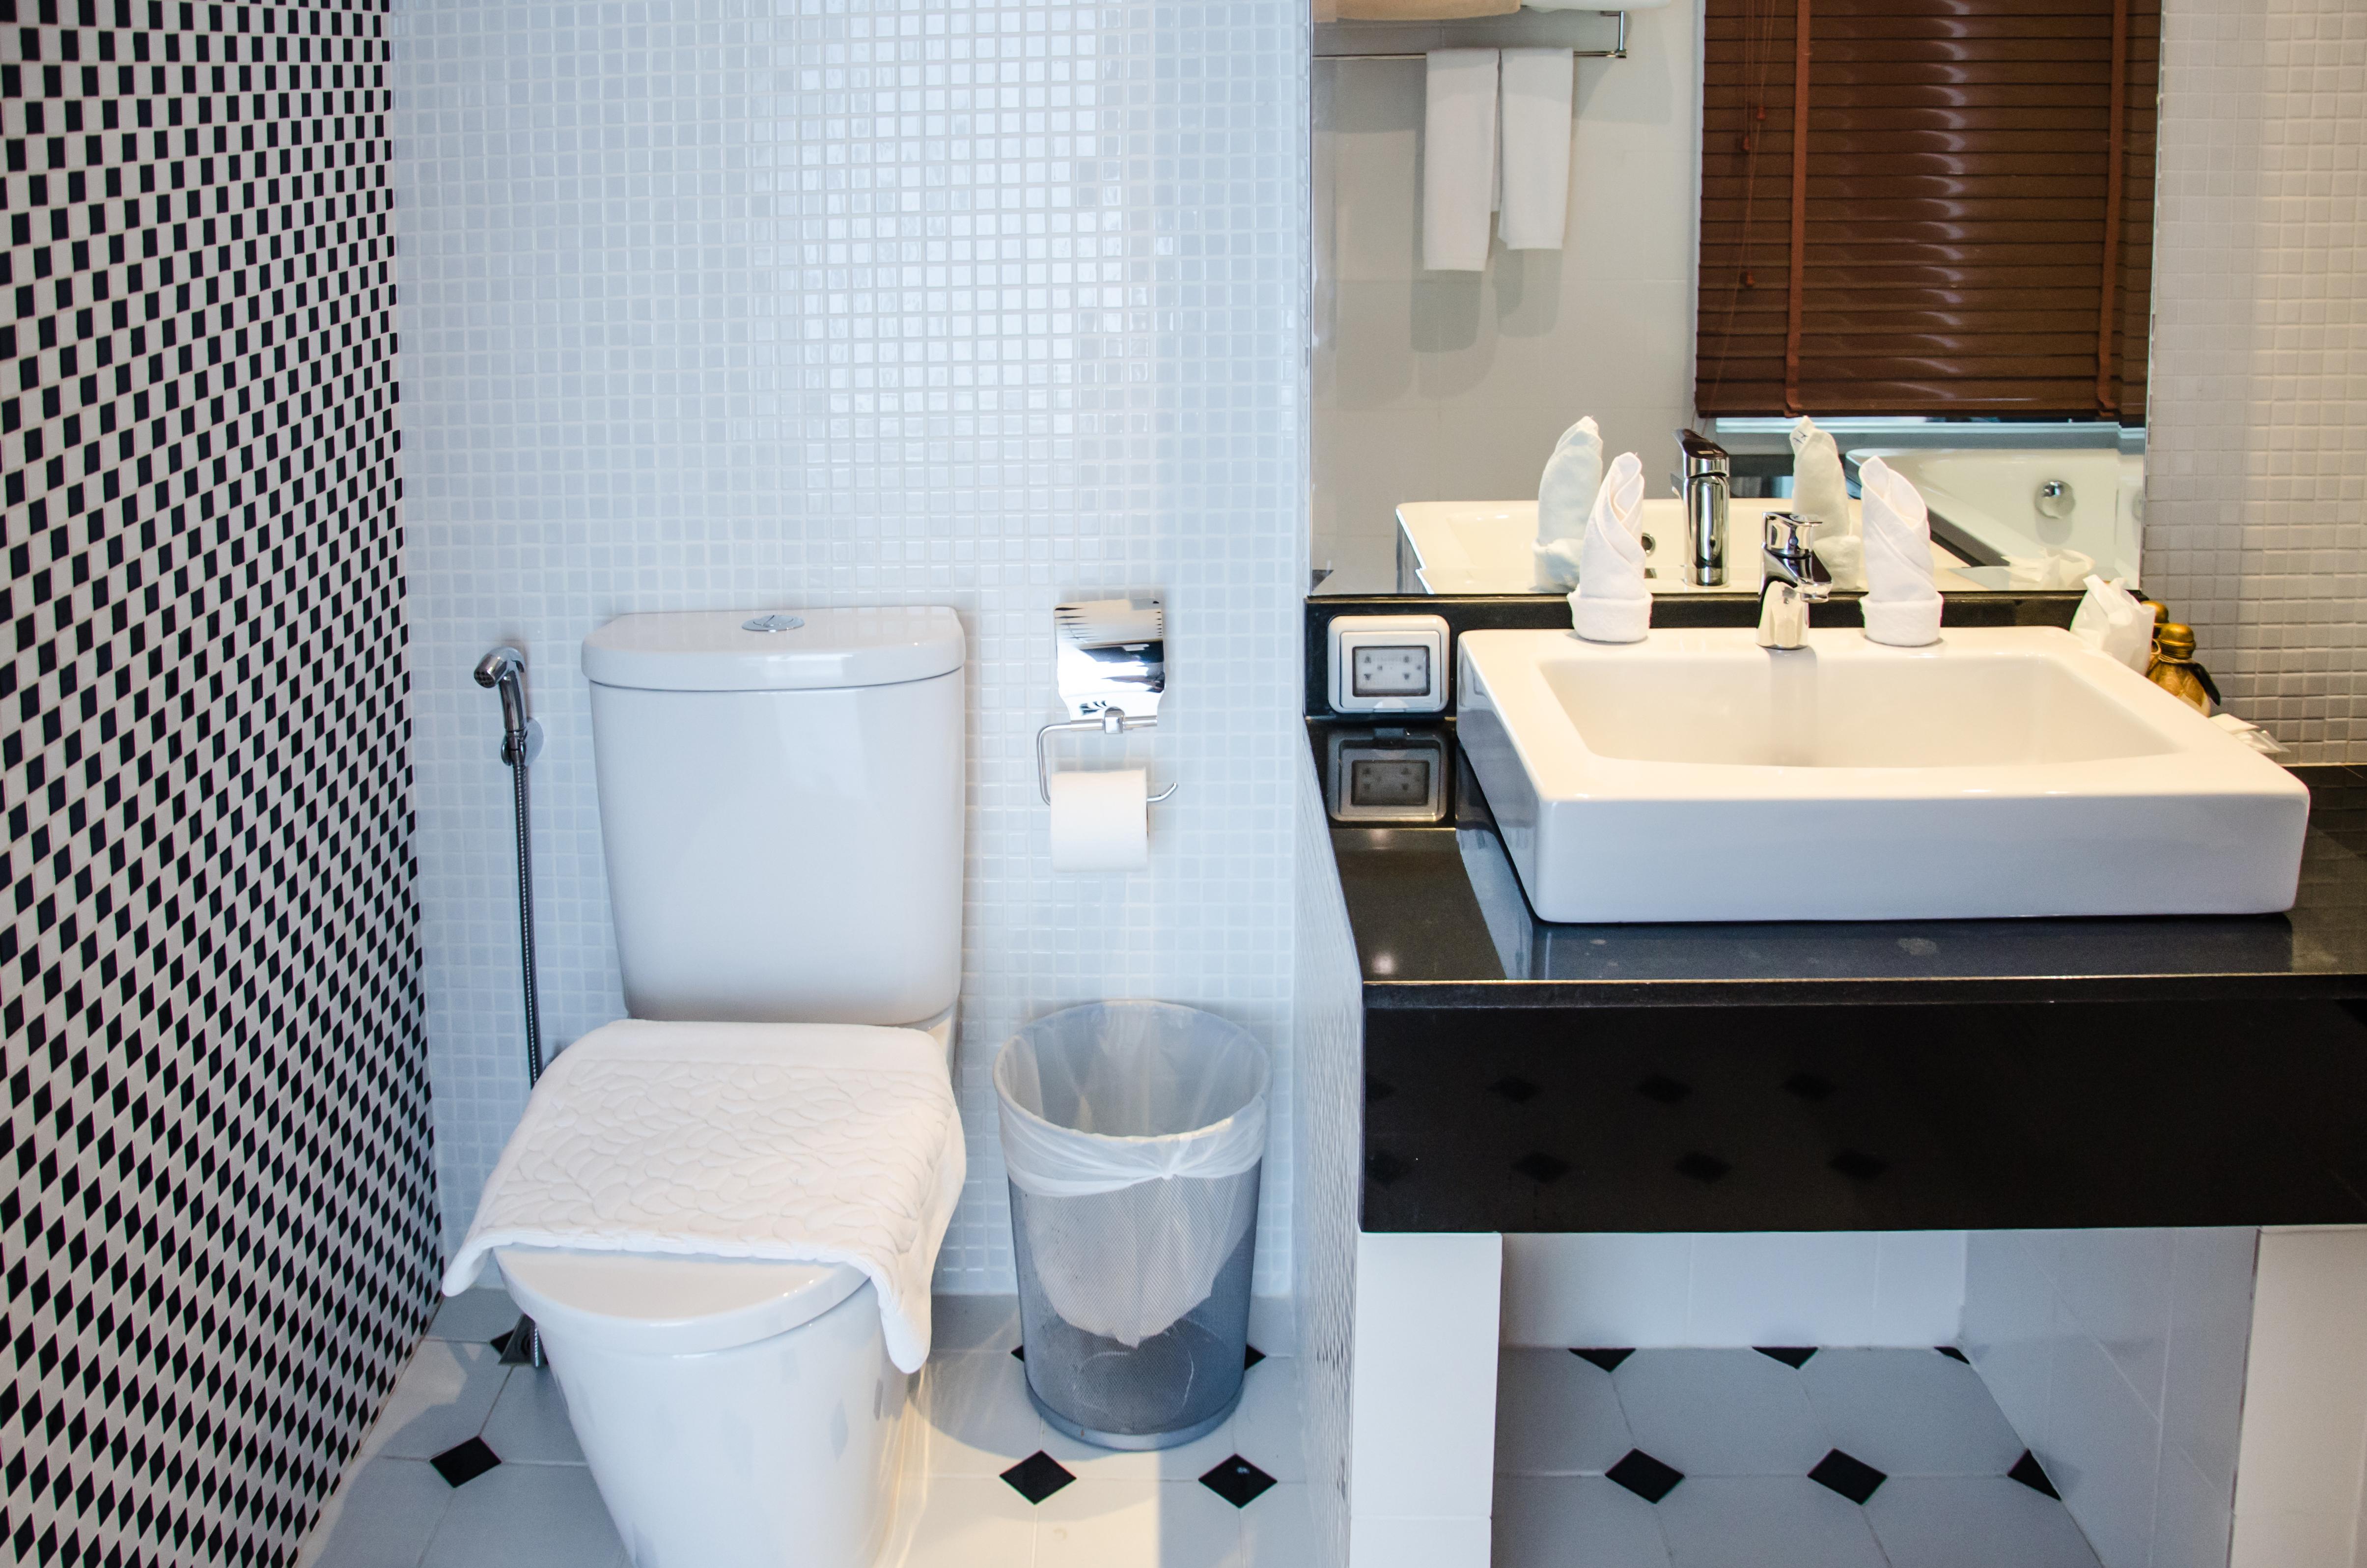 Docce Per Bagni Piccoli bagno piccolo? guida alla realizzazione del bagno perfetto